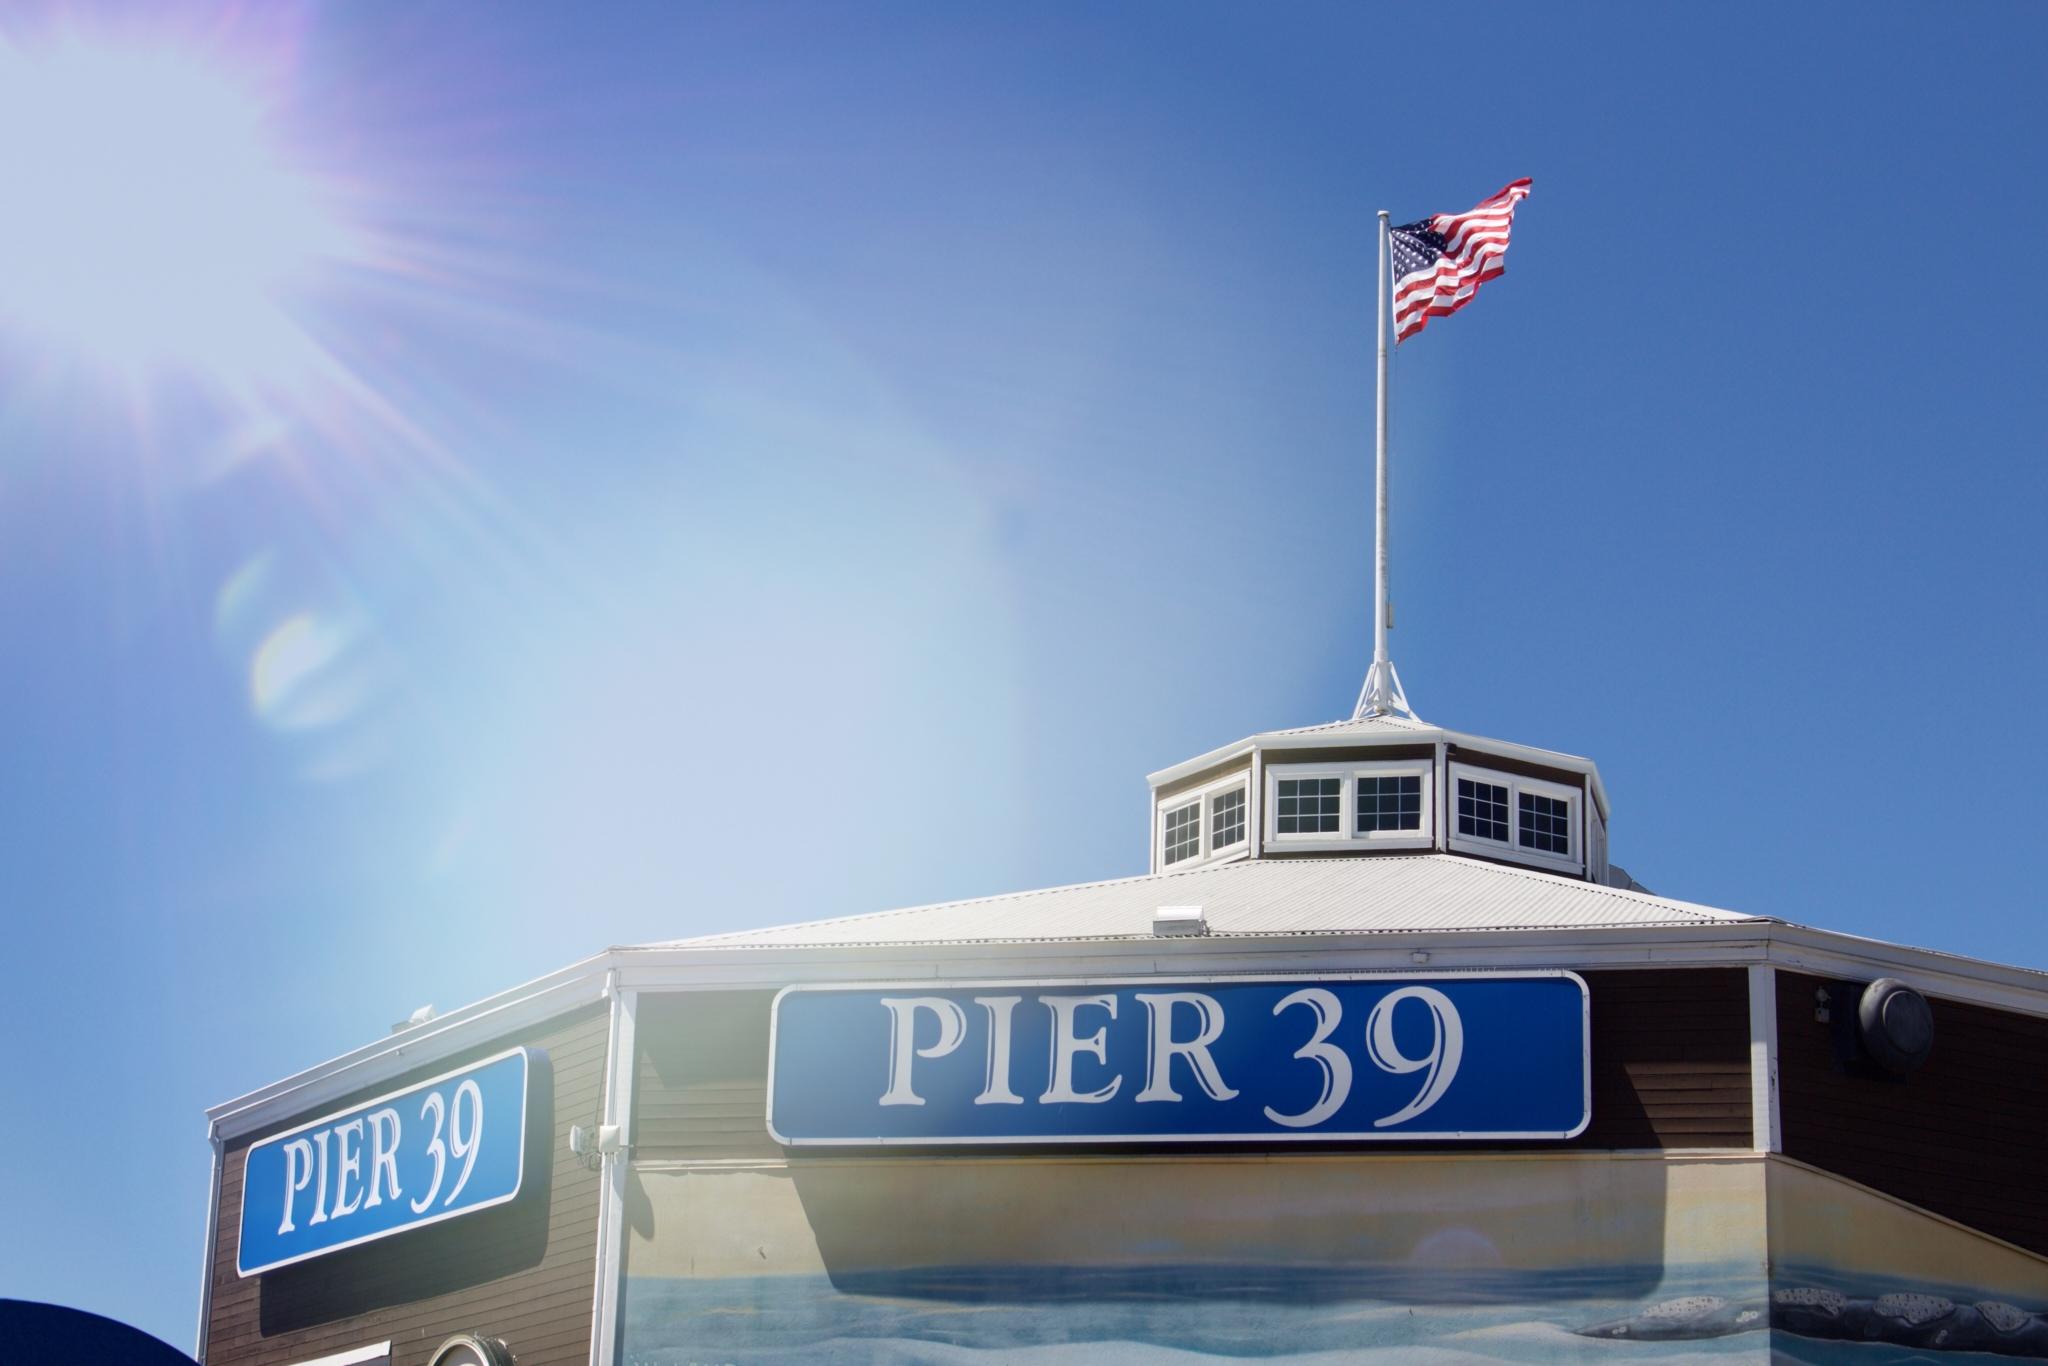 Pier 39 Schild mit Sonnenschein - Ein Tag am Pier 39 in San Francisco - Erlebnisse und 5 Tipps für einen Tag am Pier 39 - Reise Blogger Tipps